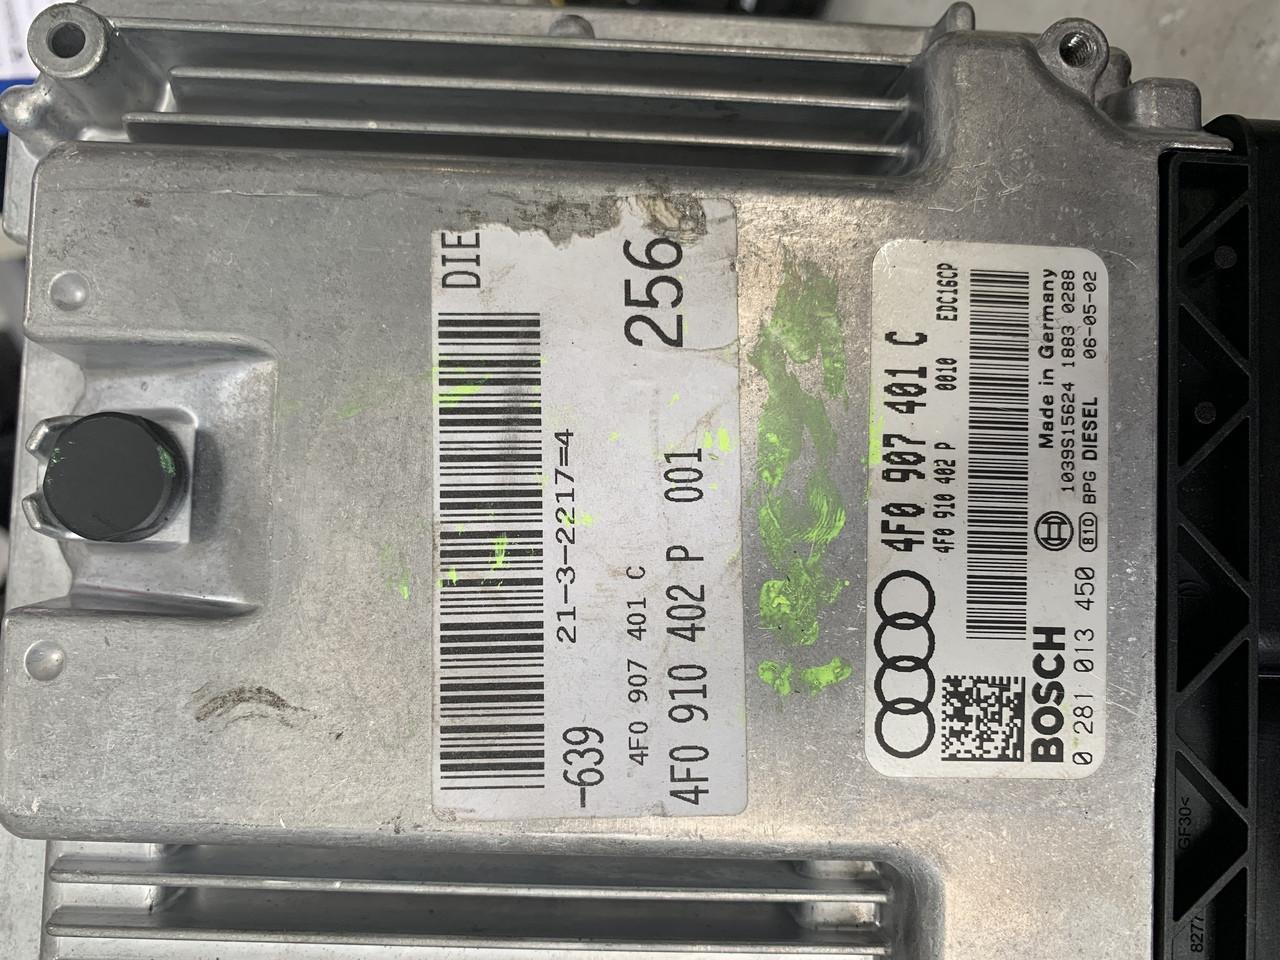 Audi, 0281013450, 0 281 013 450, 4F0907401C, 4F0 907 401 C, EDC16CP